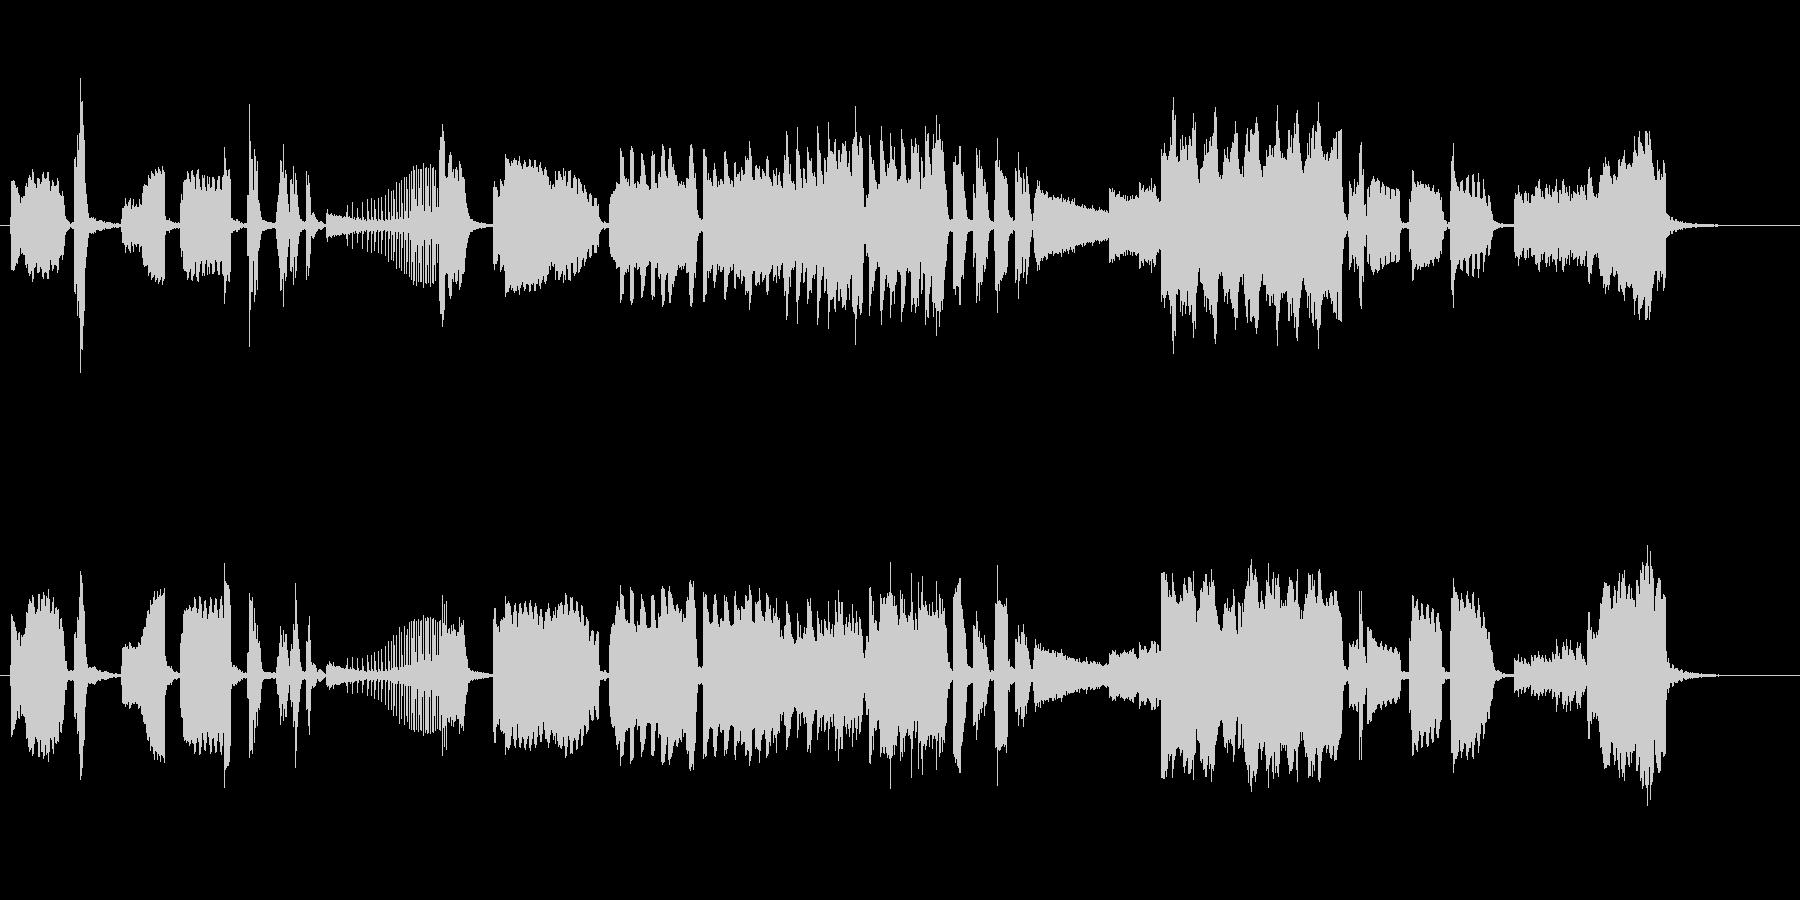 現代音楽風の室内楽曲の未再生の波形